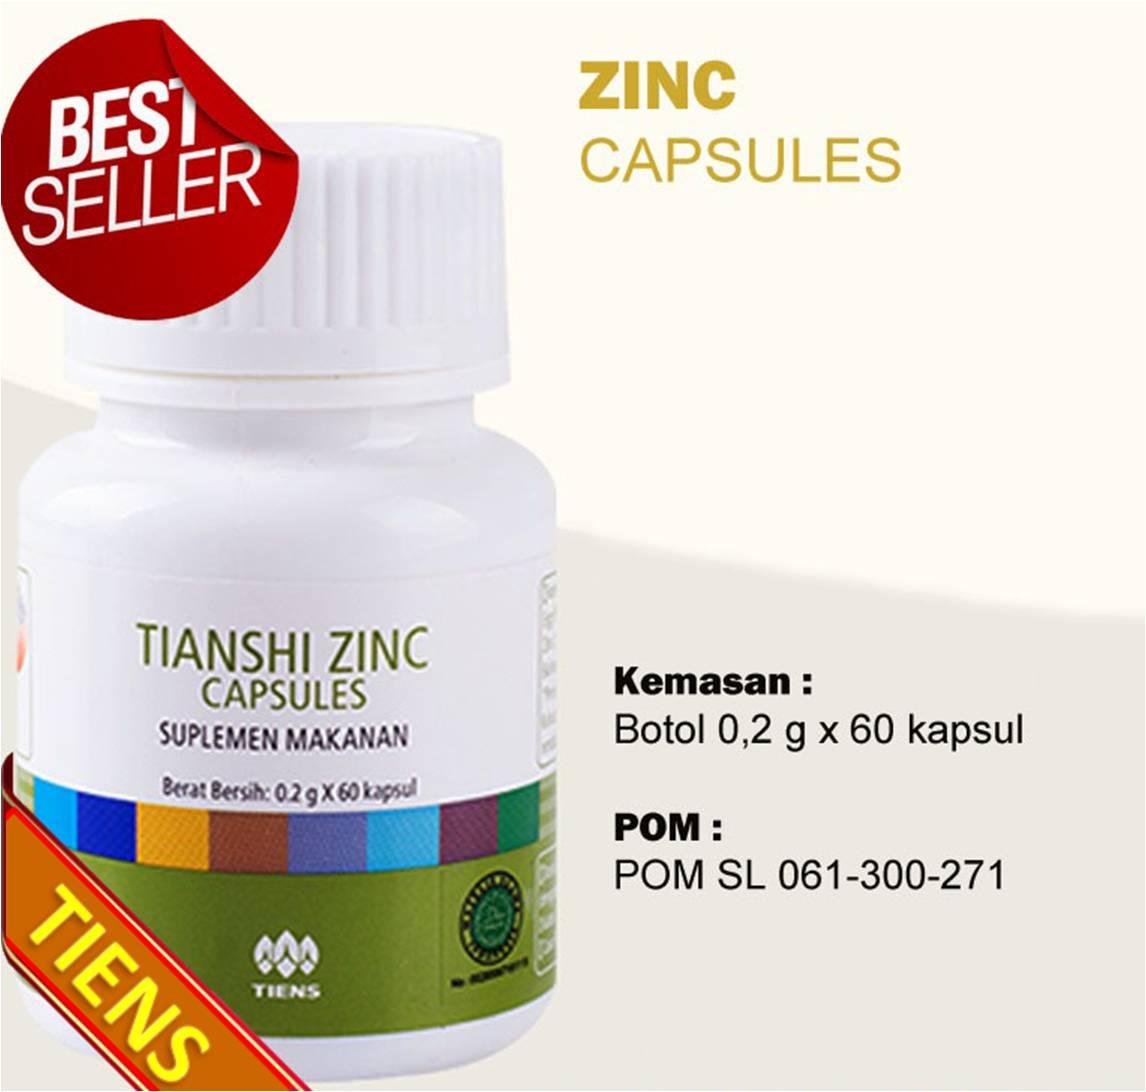 Tiens Zinc Kapsul L Peninggi Badan Isi 60 Kapsul L Vitamin Perbaikan